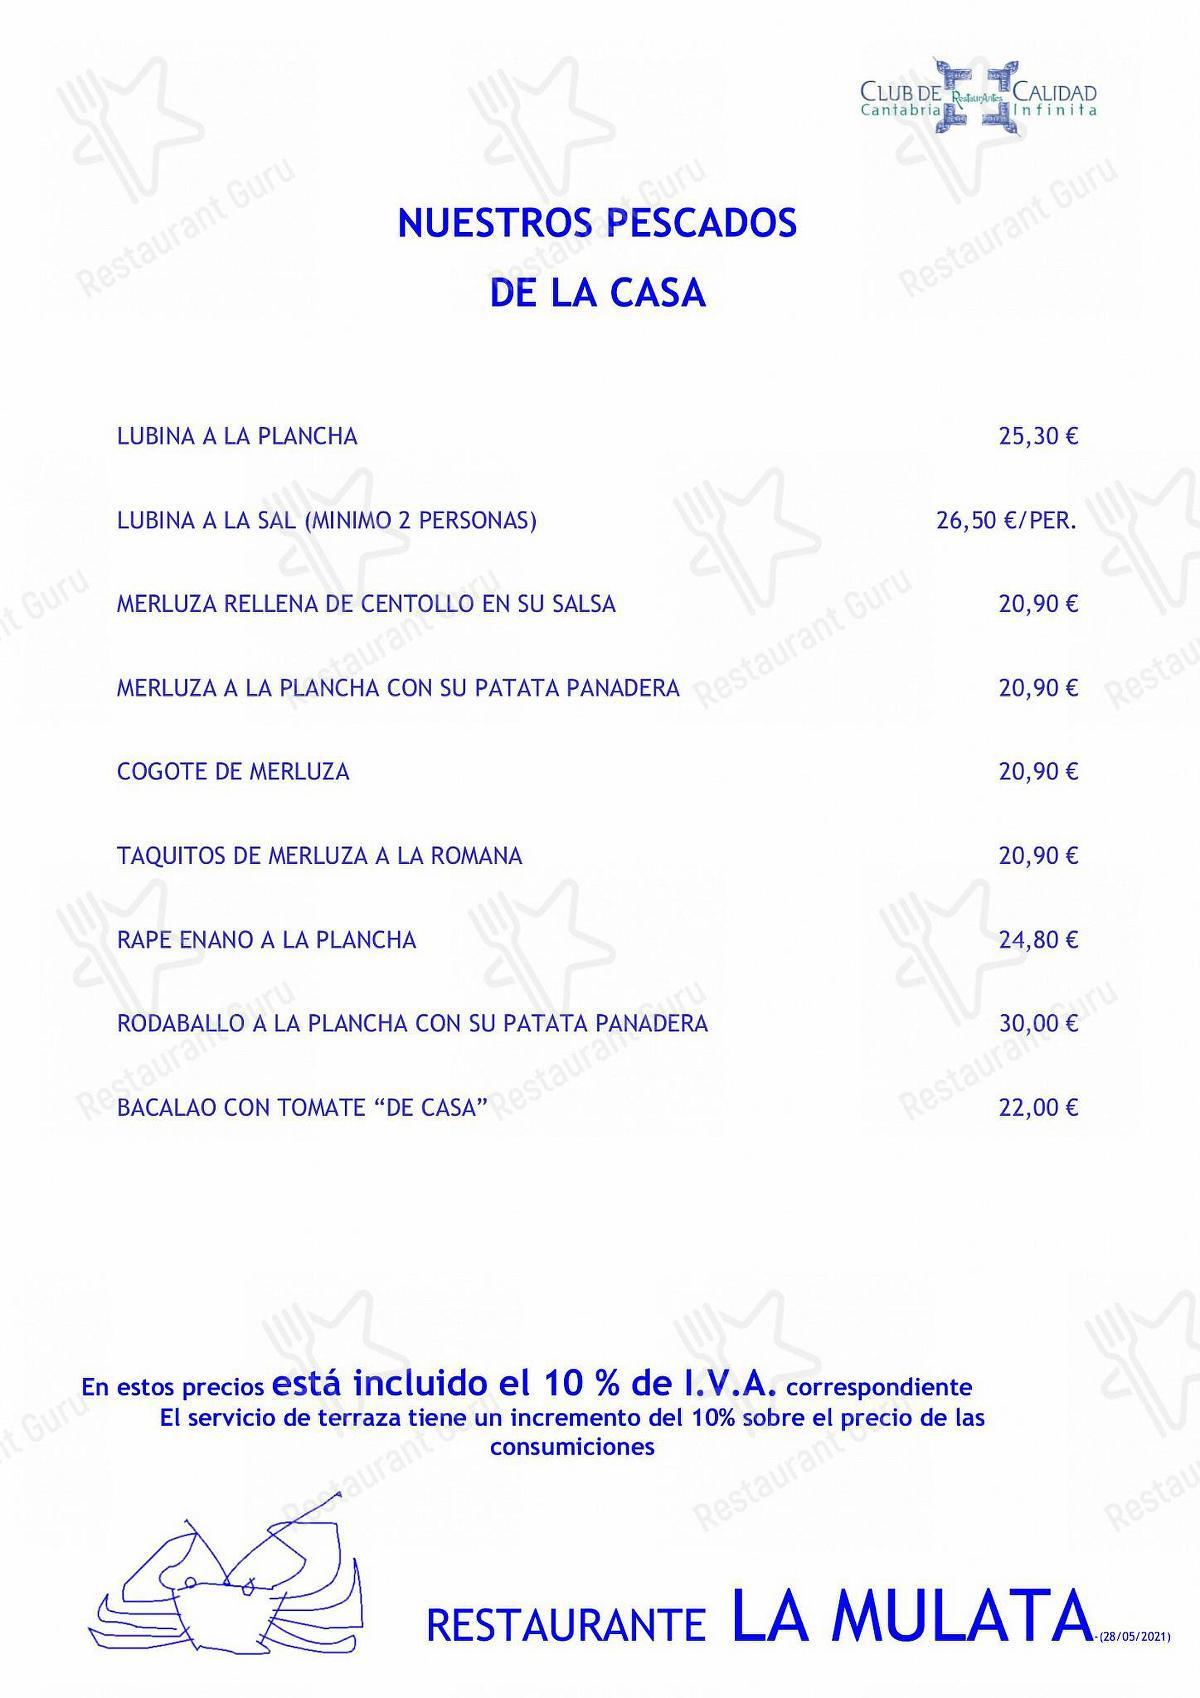 Меню ресторана La Mulata